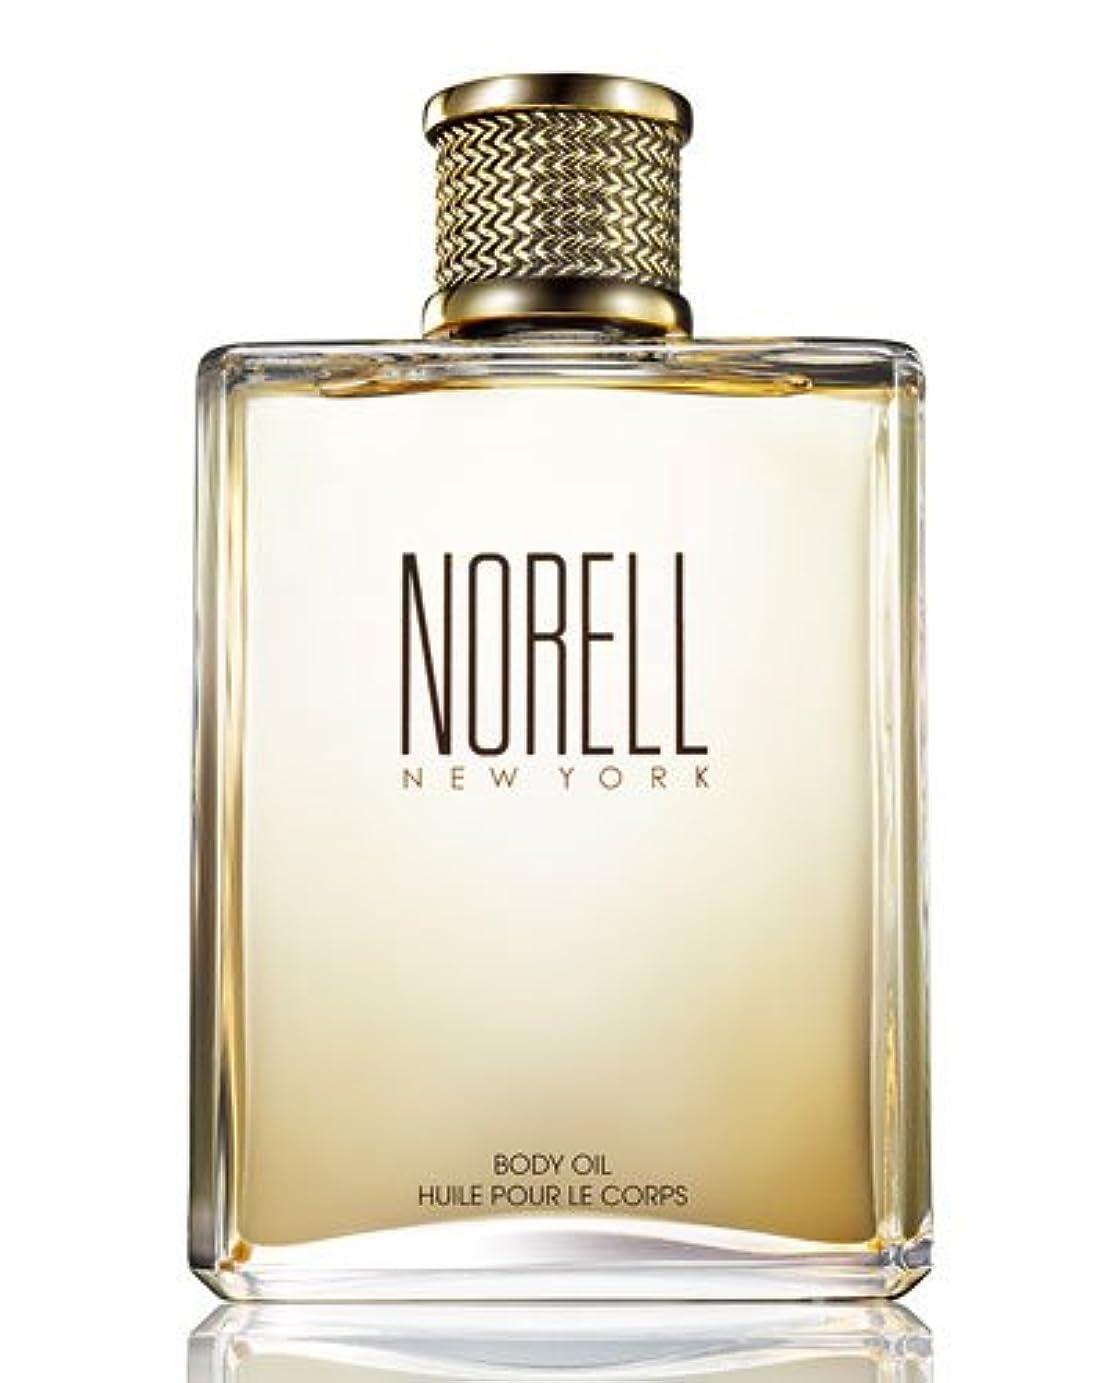 汚いコンピューター裏切るNorell (ノレル) 8.0 oz (240ml) Body Oil by Norell New York